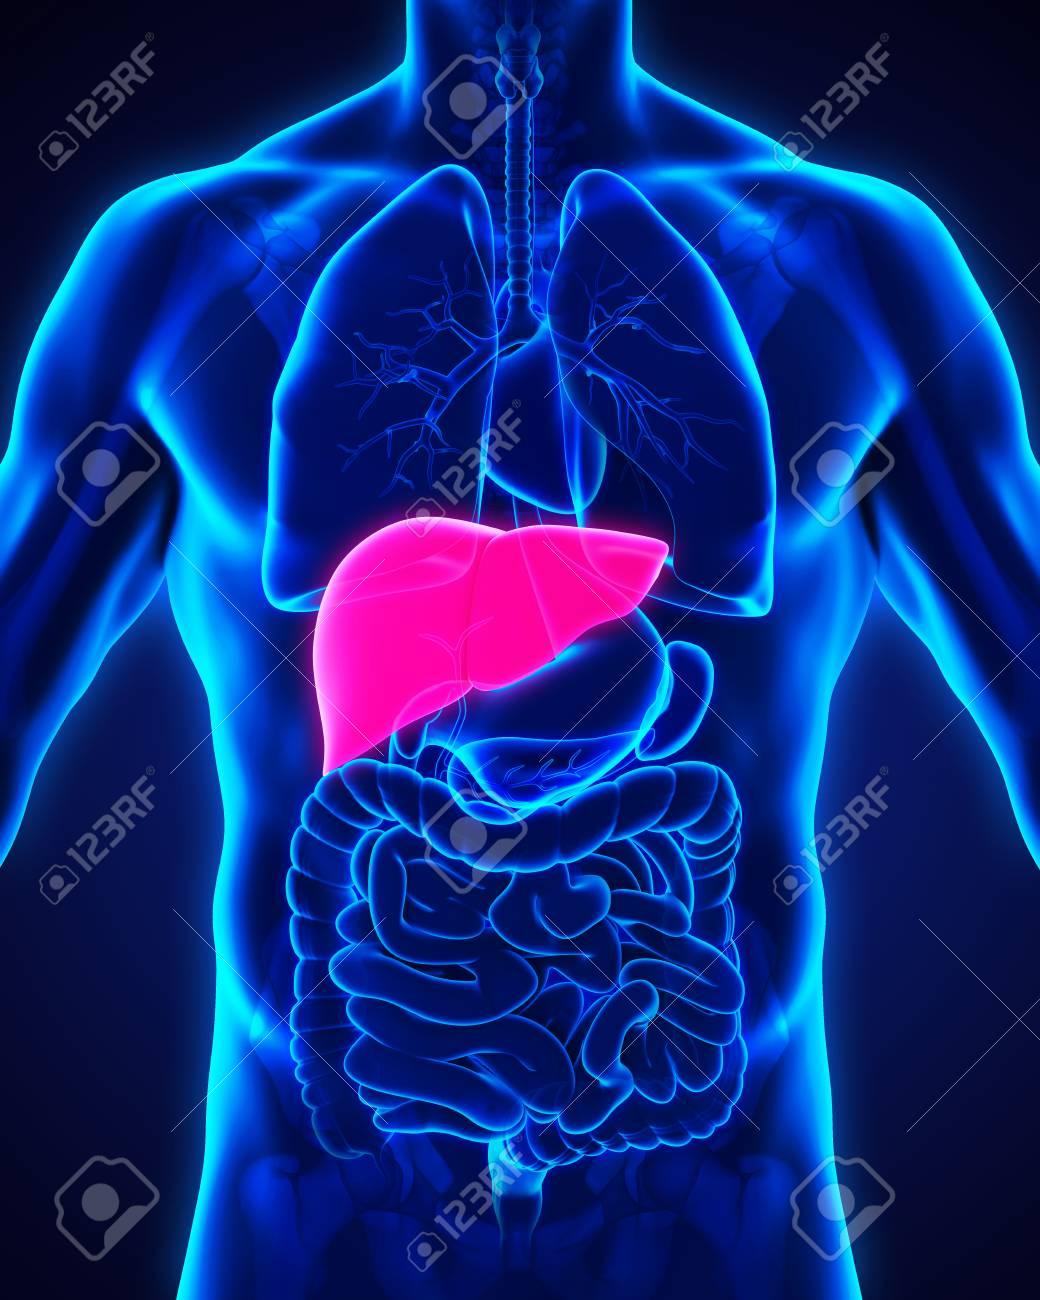 Anatomía Del Hígado Humano Fotos, Retratos, Imágenes Y Fotografía De ...